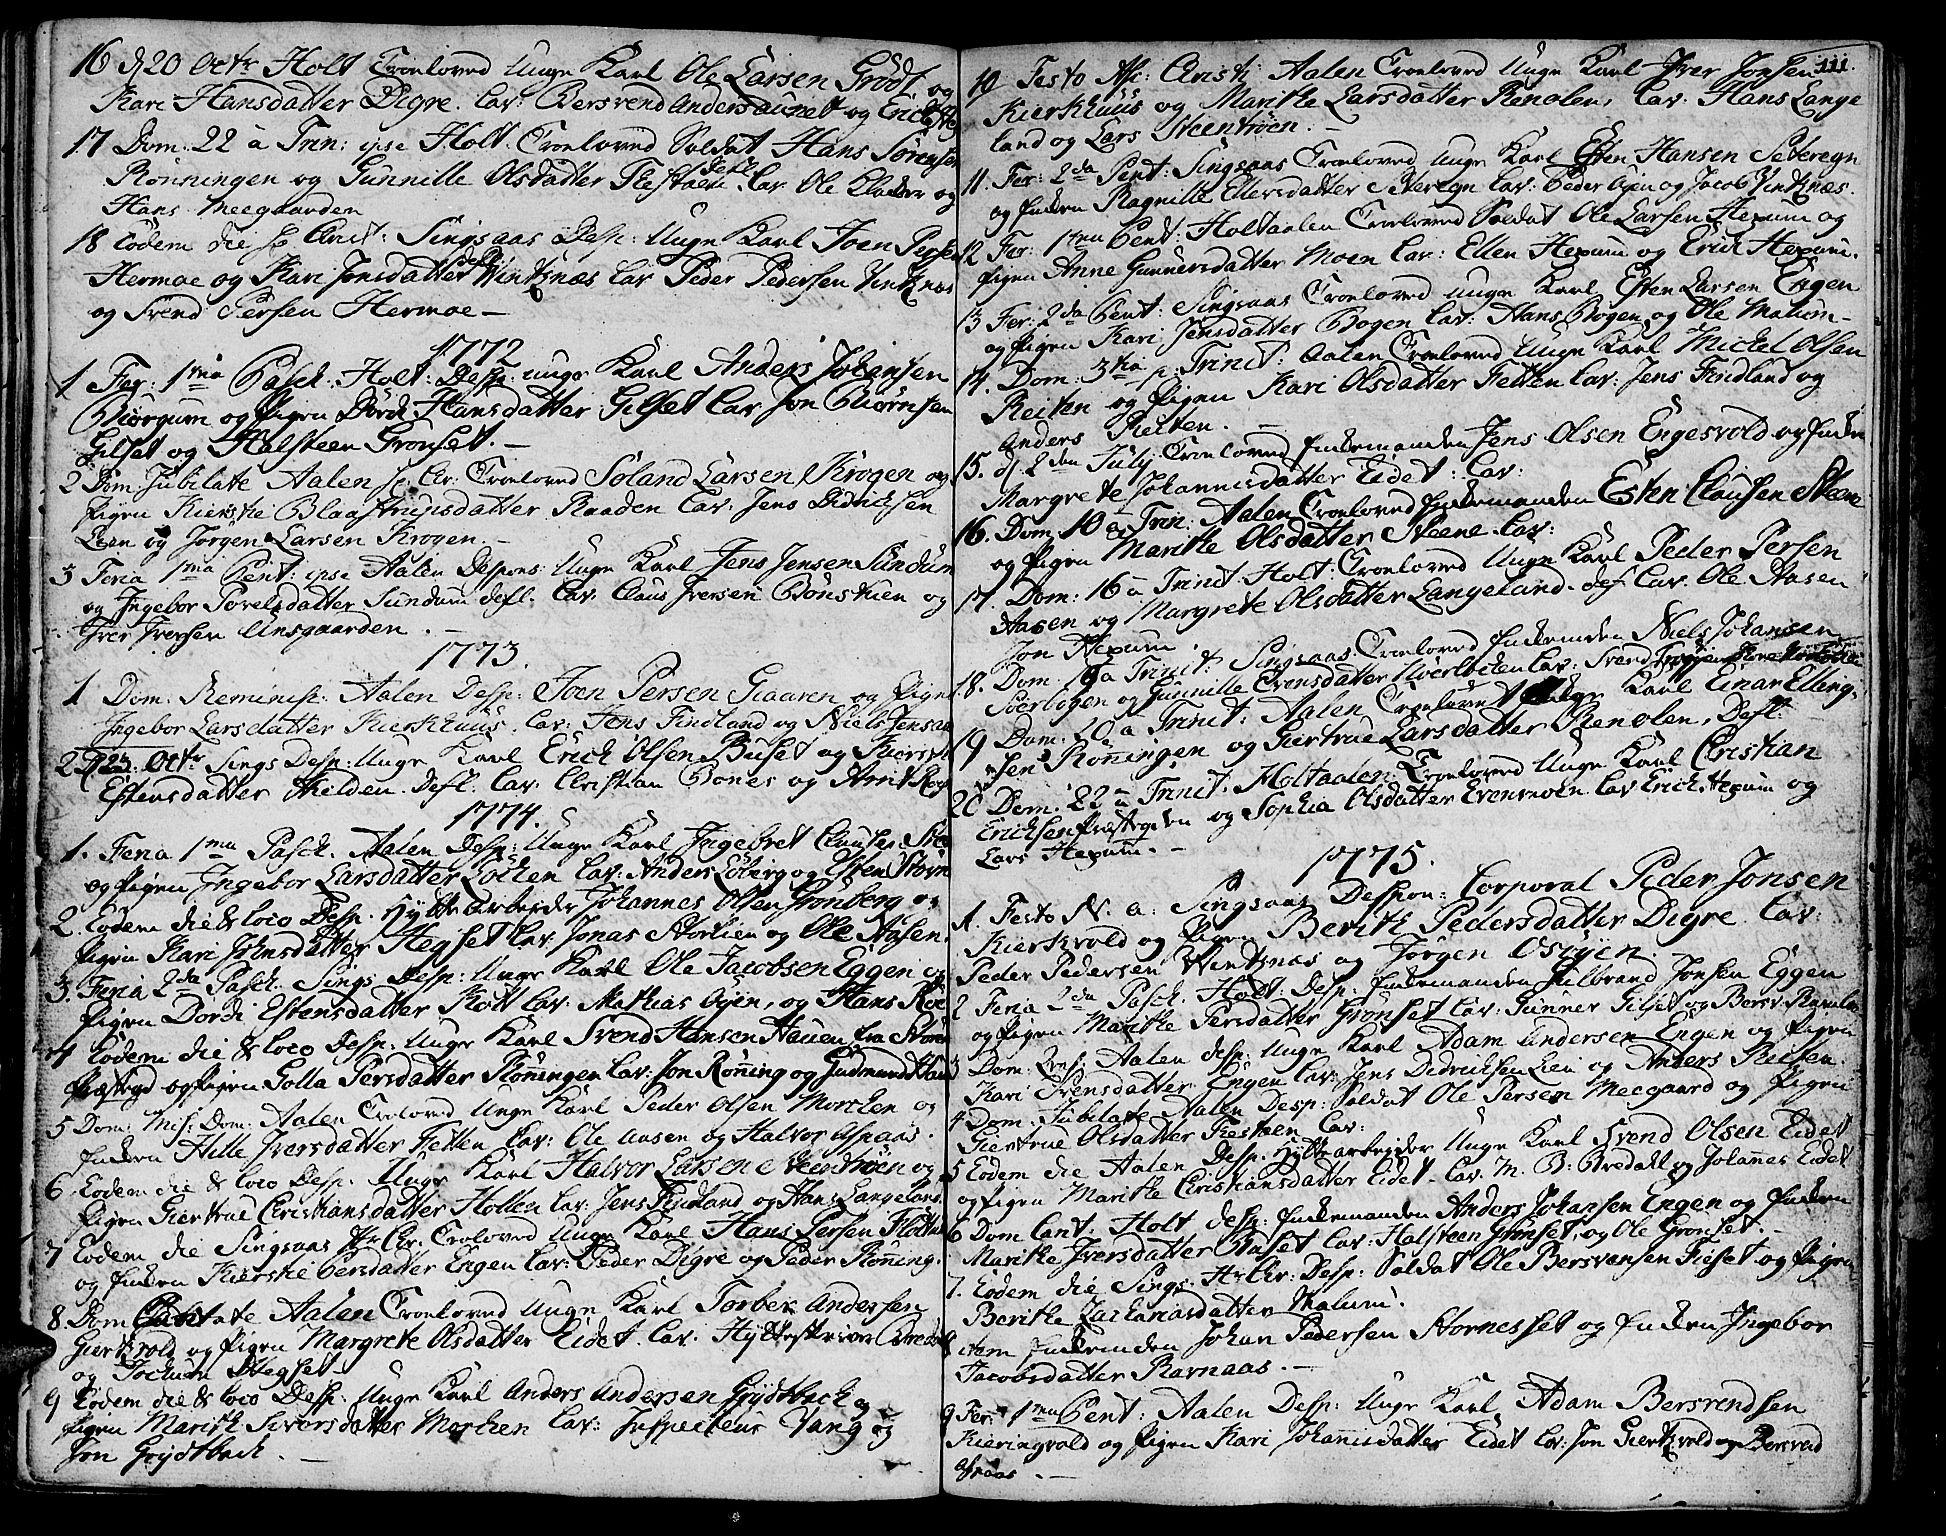 SAT, Ministerialprotokoller, klokkerbøker og fødselsregistre - Sør-Trøndelag, 685/L0952: Ministerialbok nr. 685A01, 1745-1804, s. 111